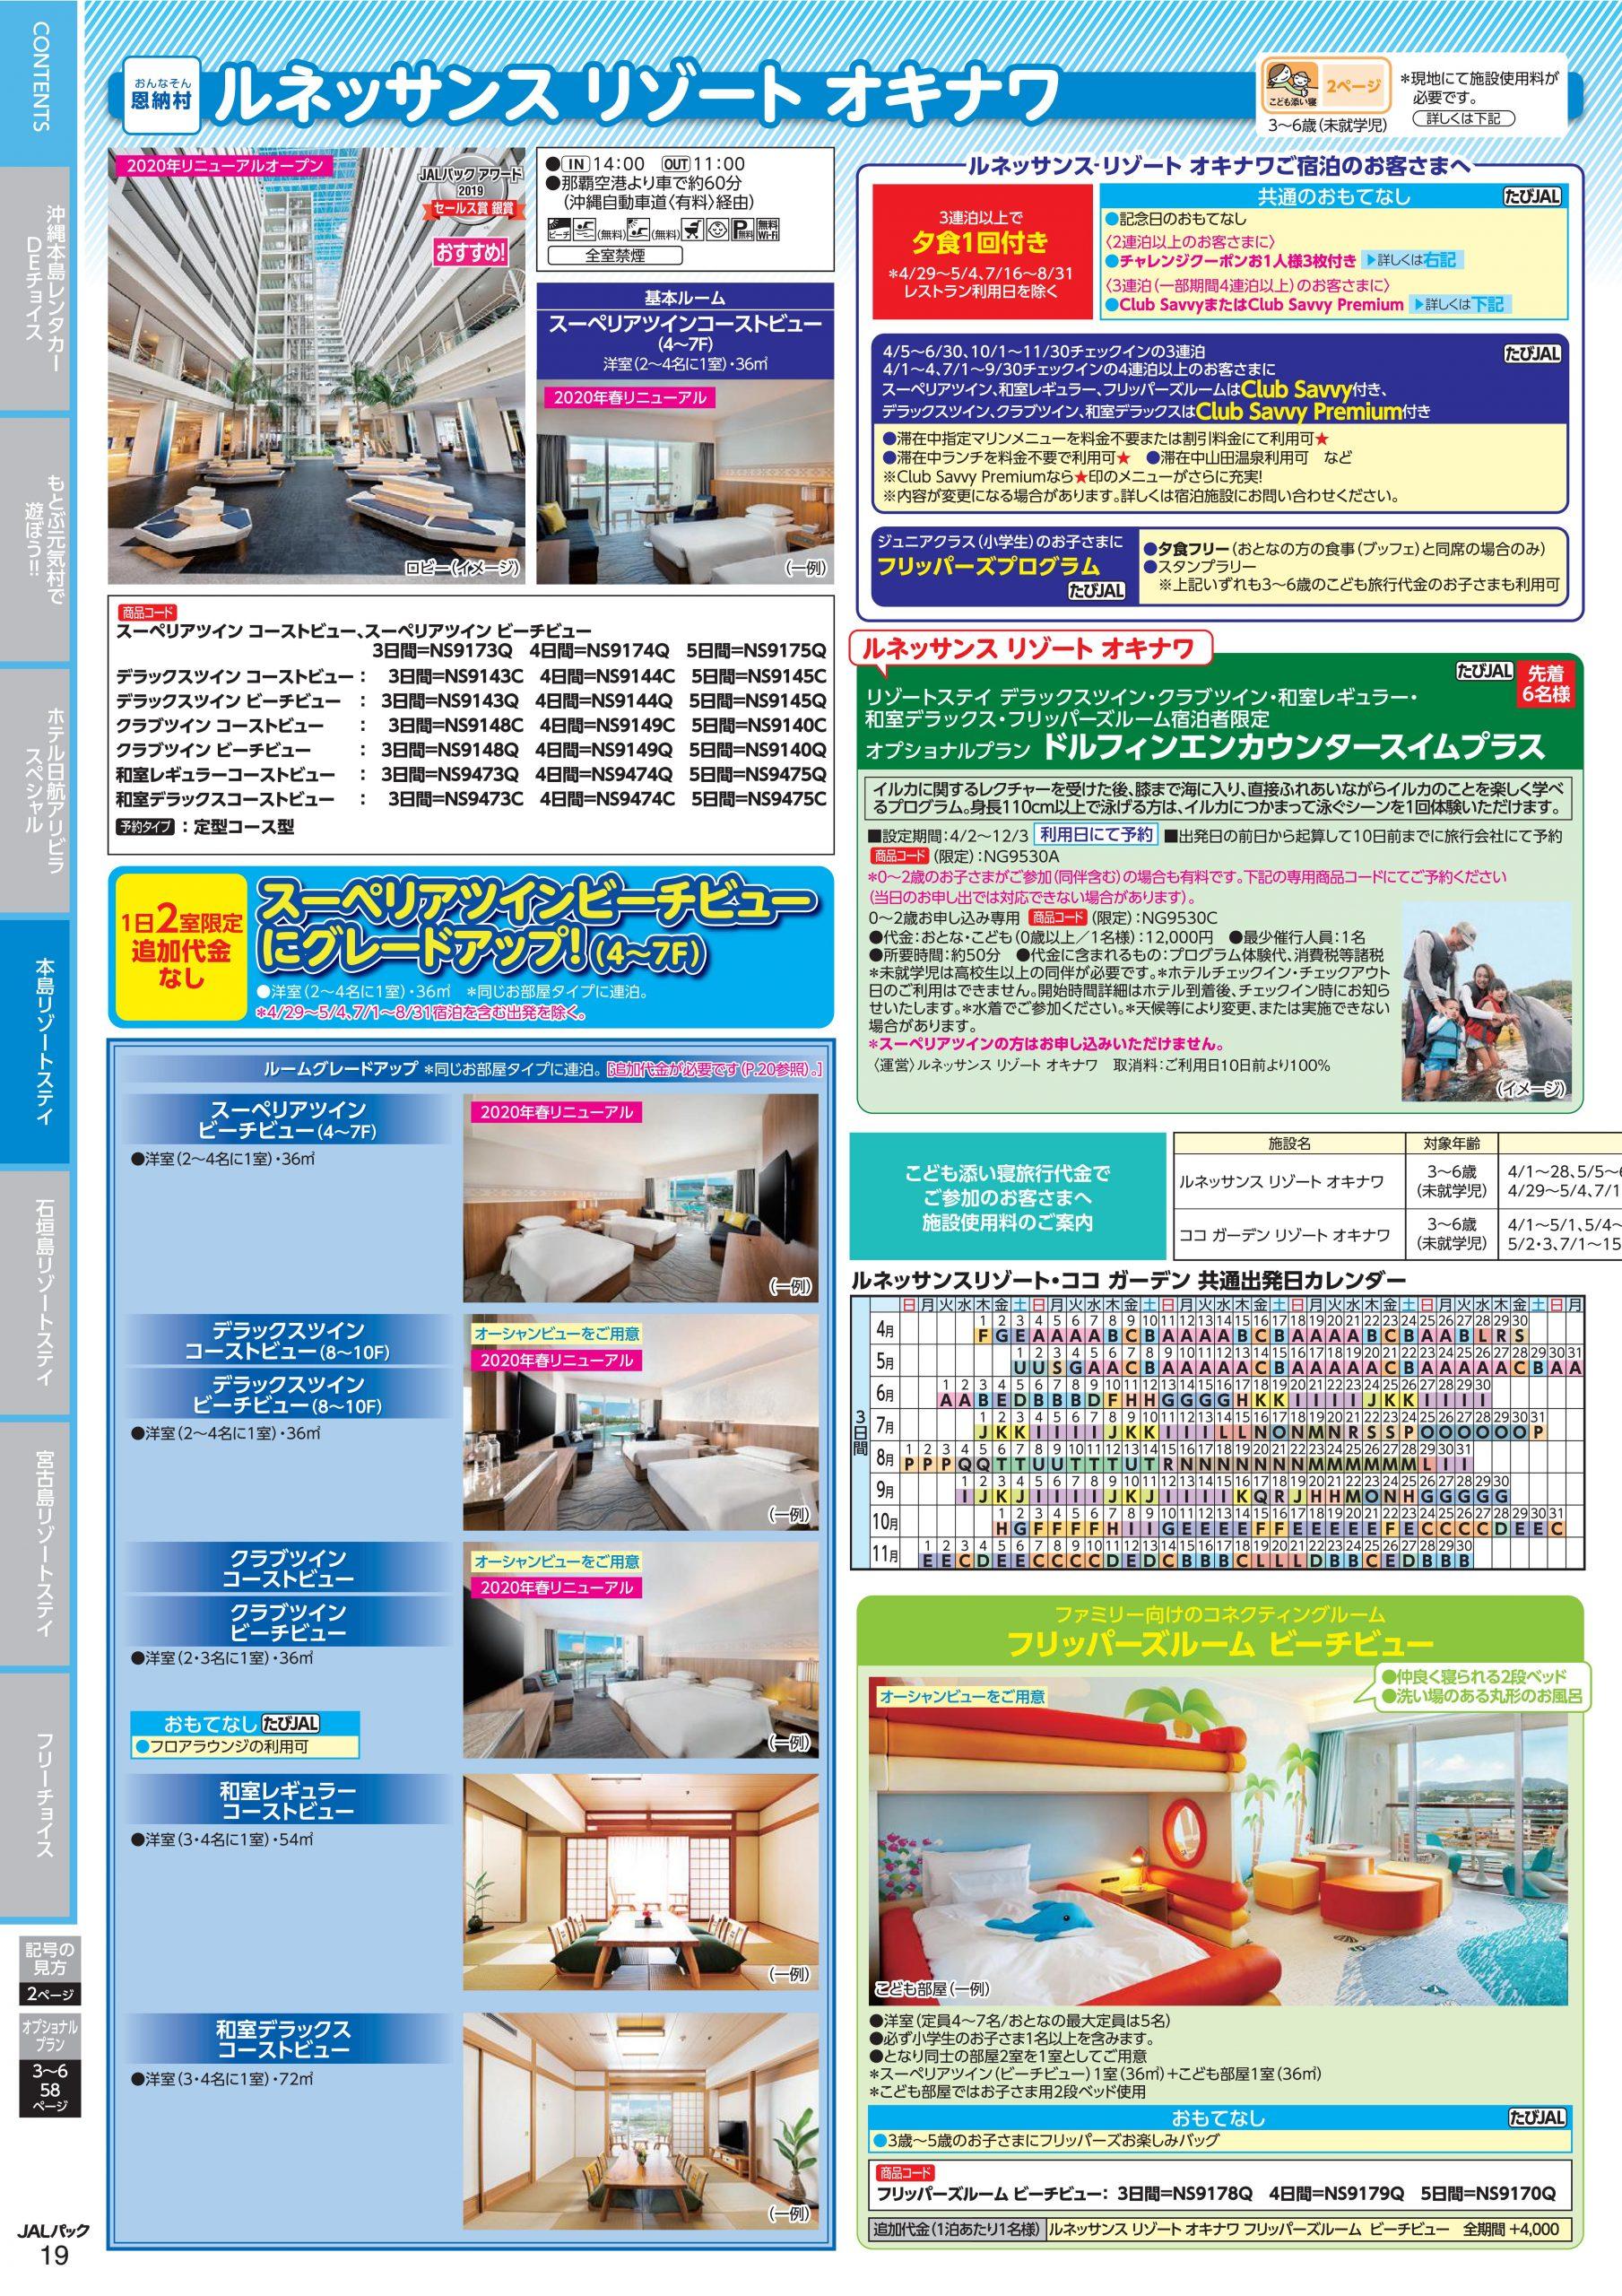 夏のおすすめツアー⑦沖縄(ルネッサンスリゾートオキナワ)